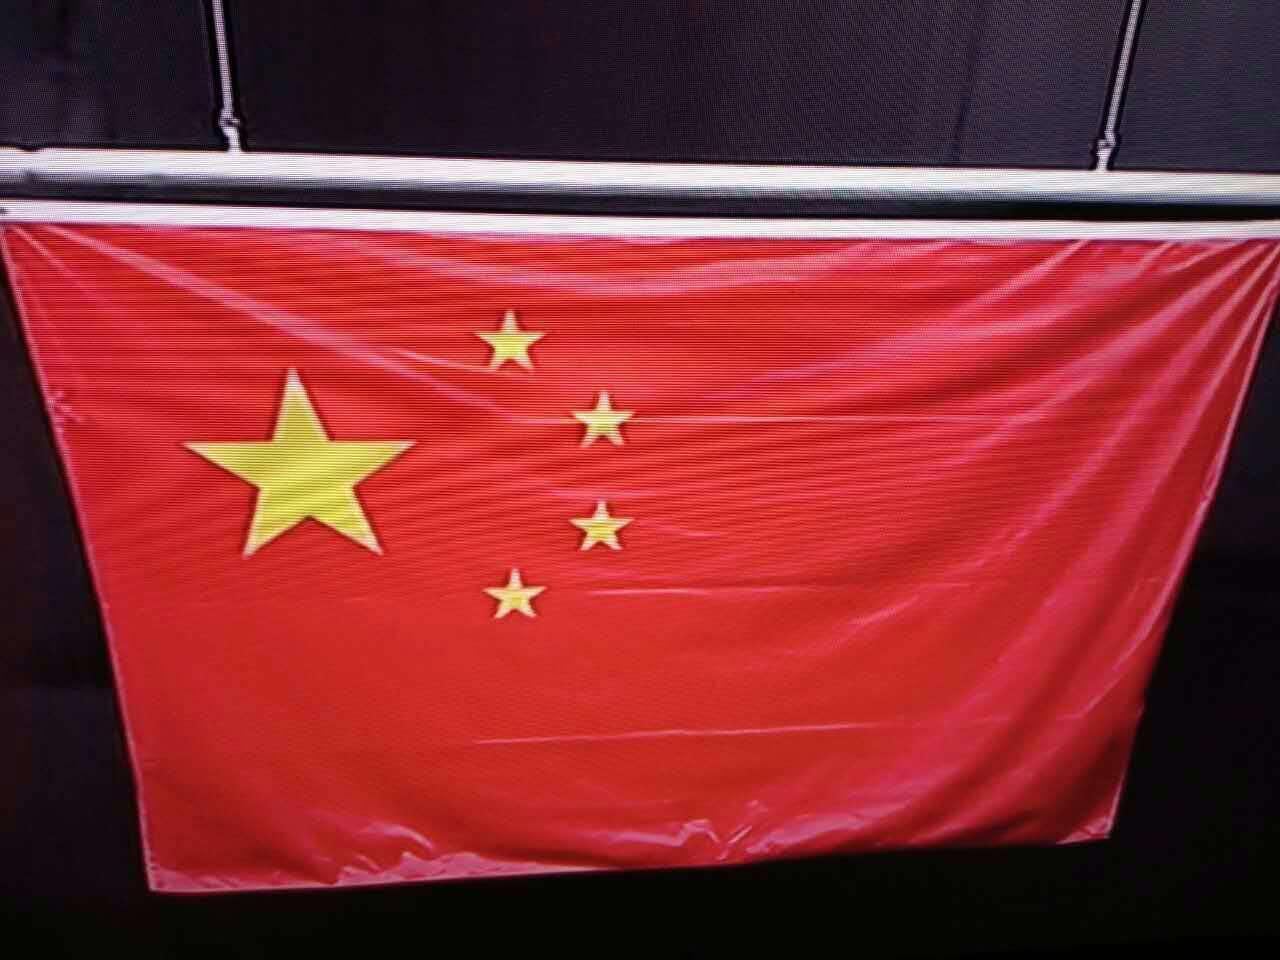 星星排布方向出错引吐槽 里约奥运或更换中国国旗